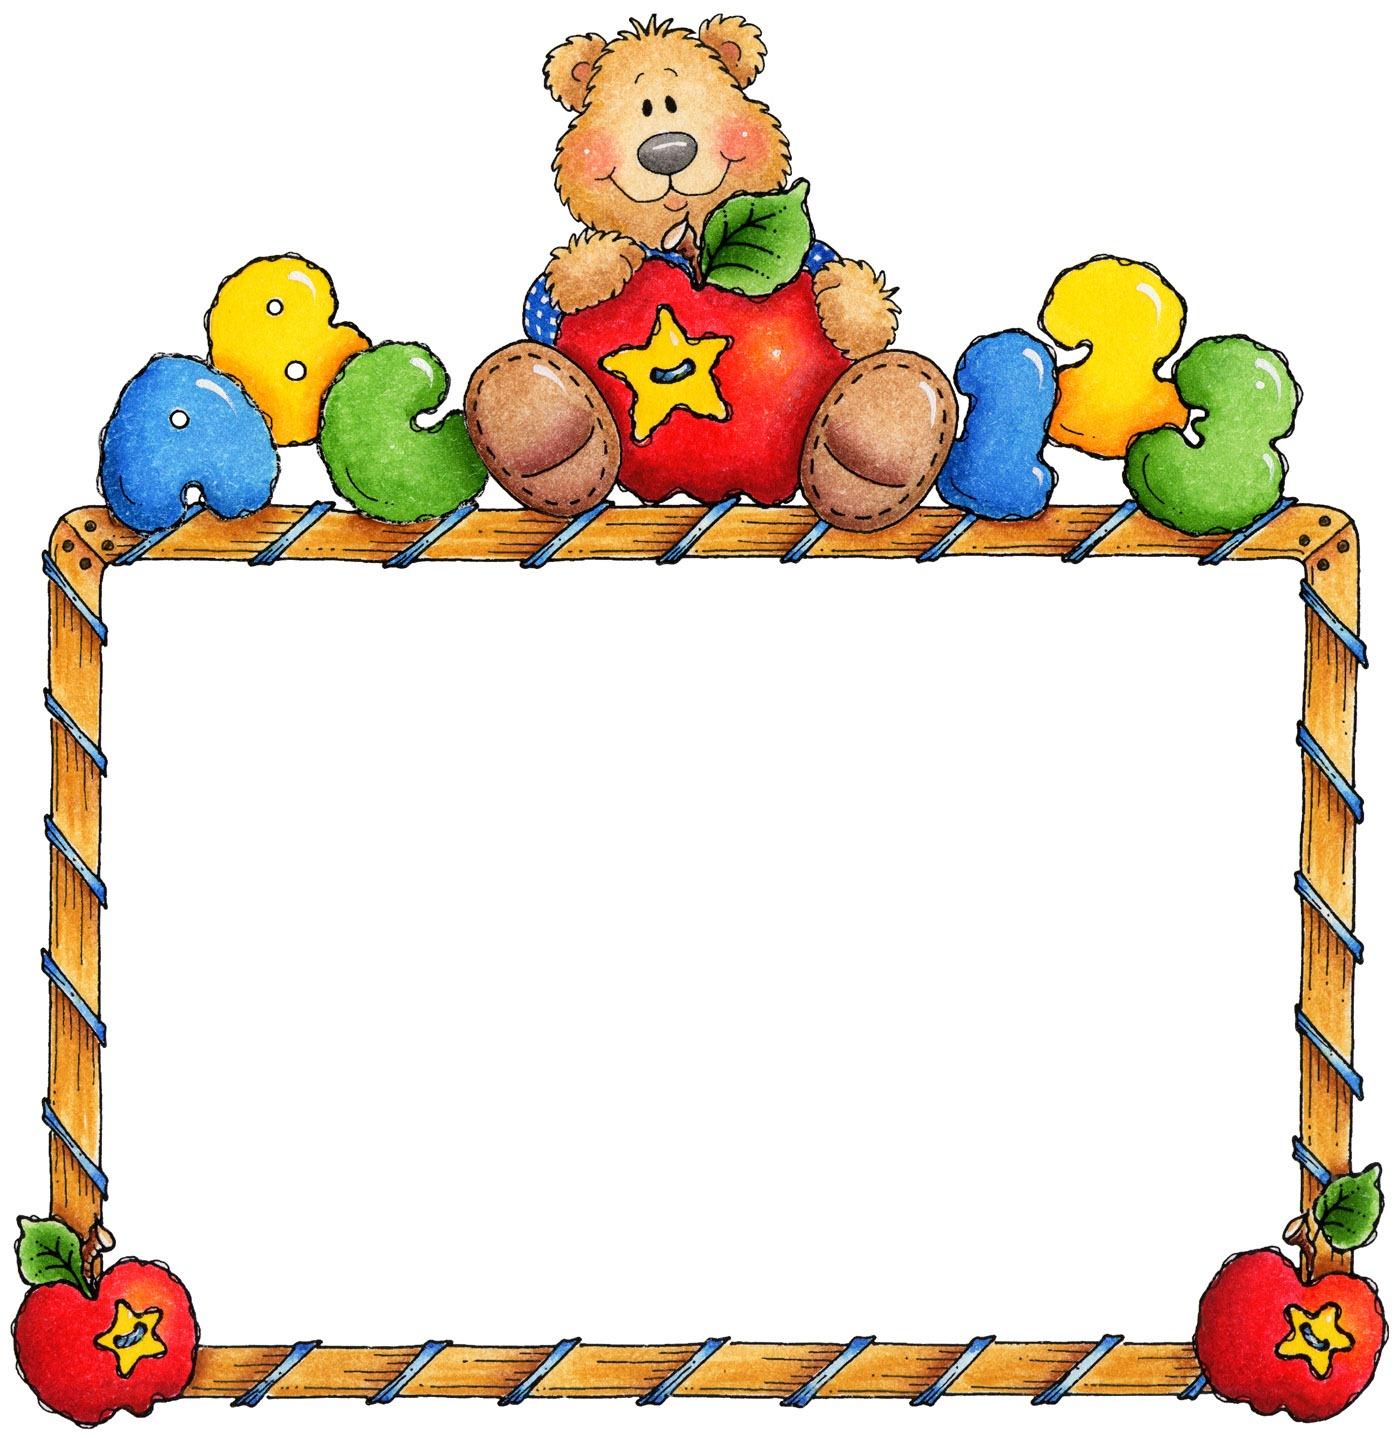 Bears clipart border. Fr teddy bear jpg